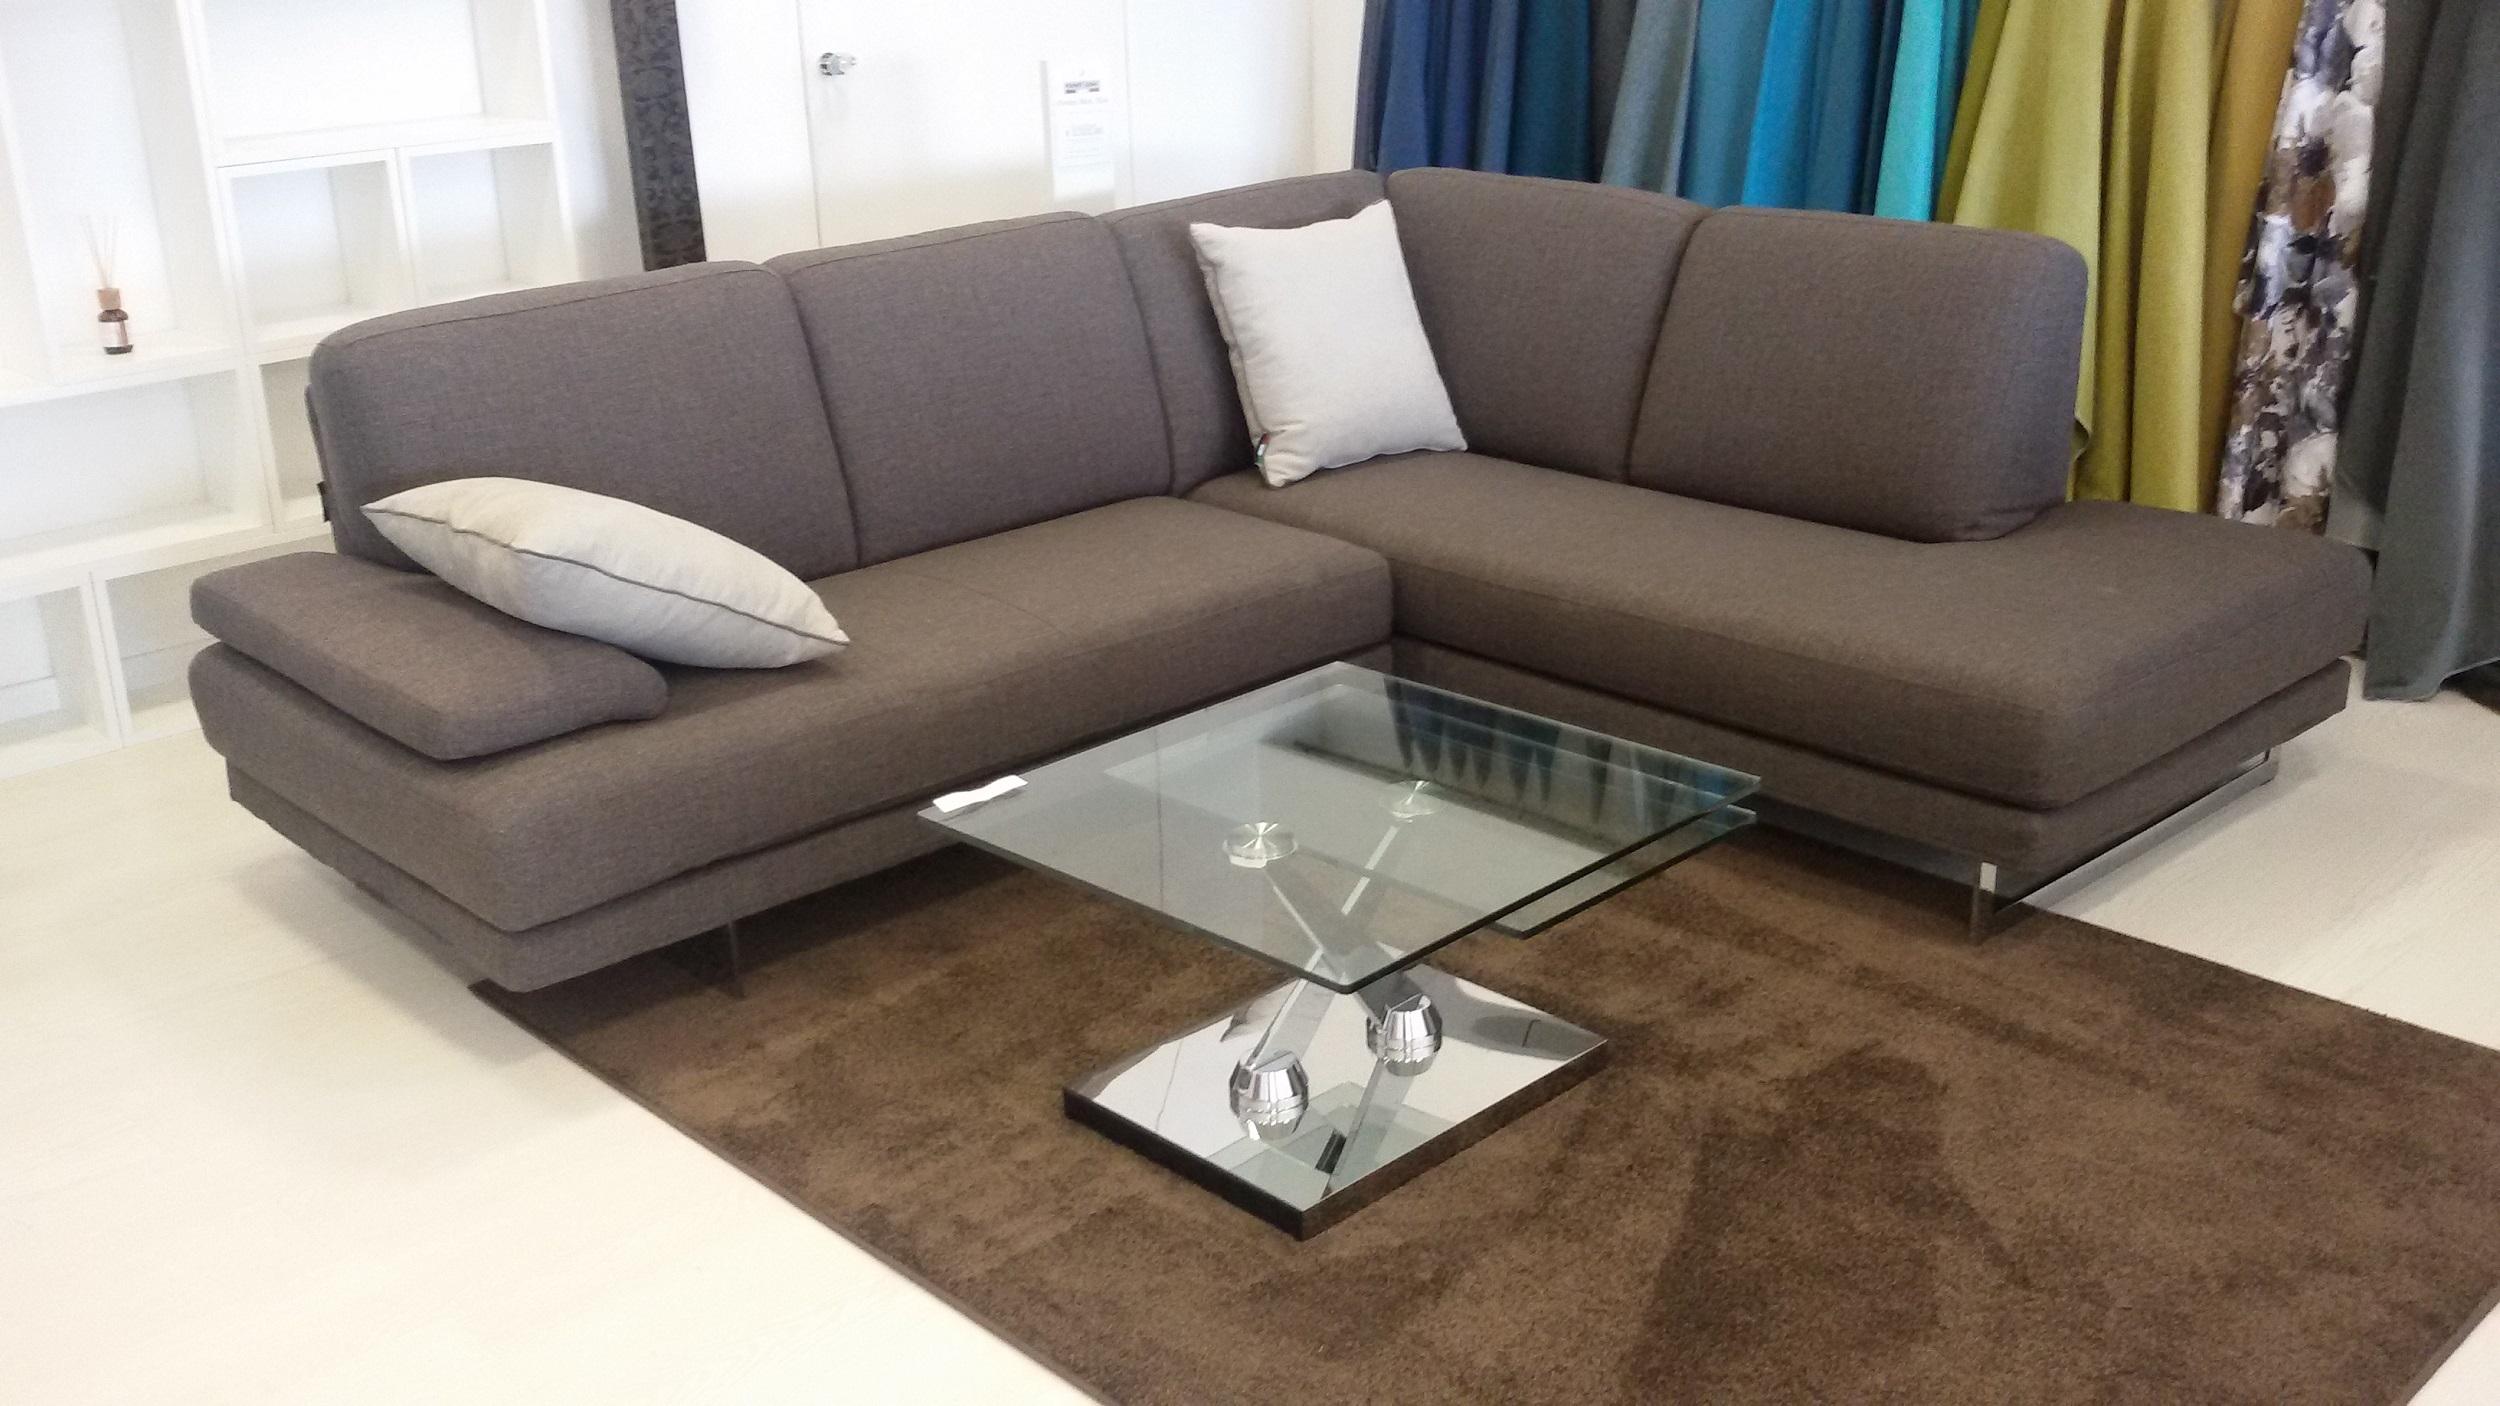 divano angolare in tessuto divani a prezzi scontati